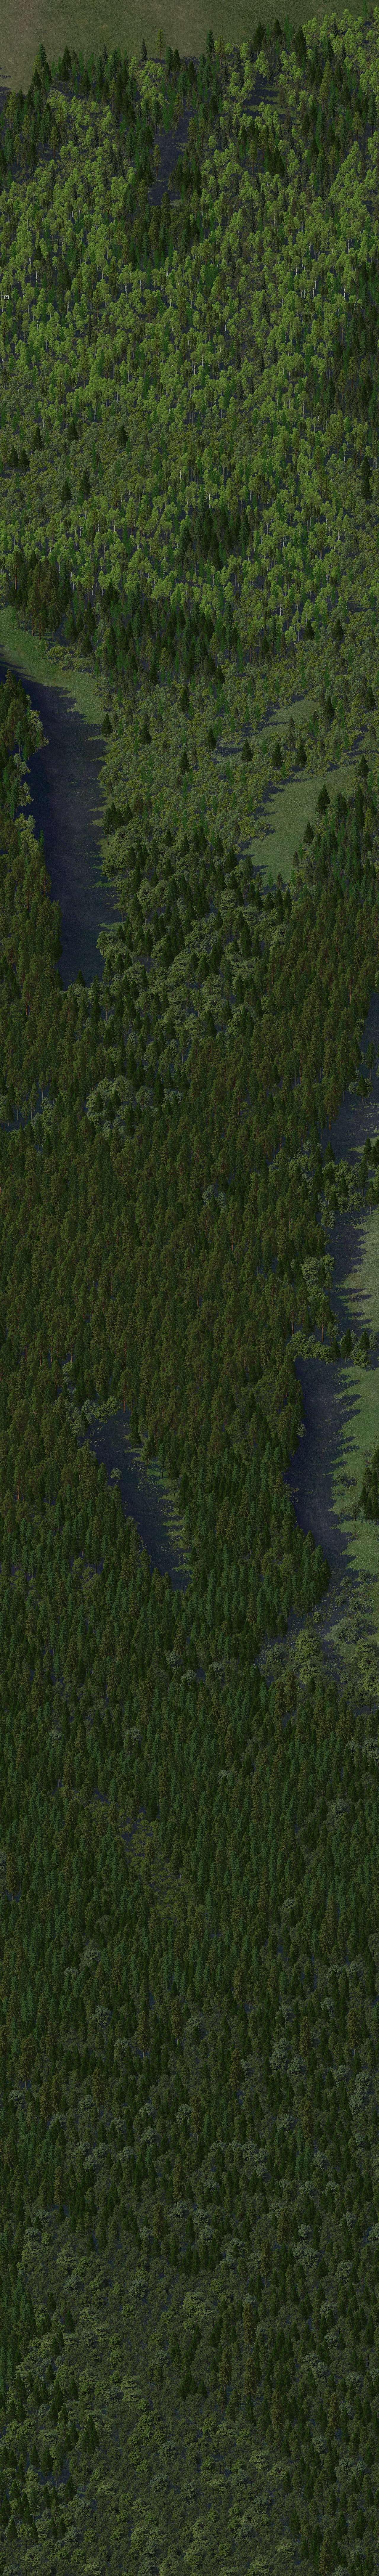 treecontrollerdev1summer.jpg?psid=1